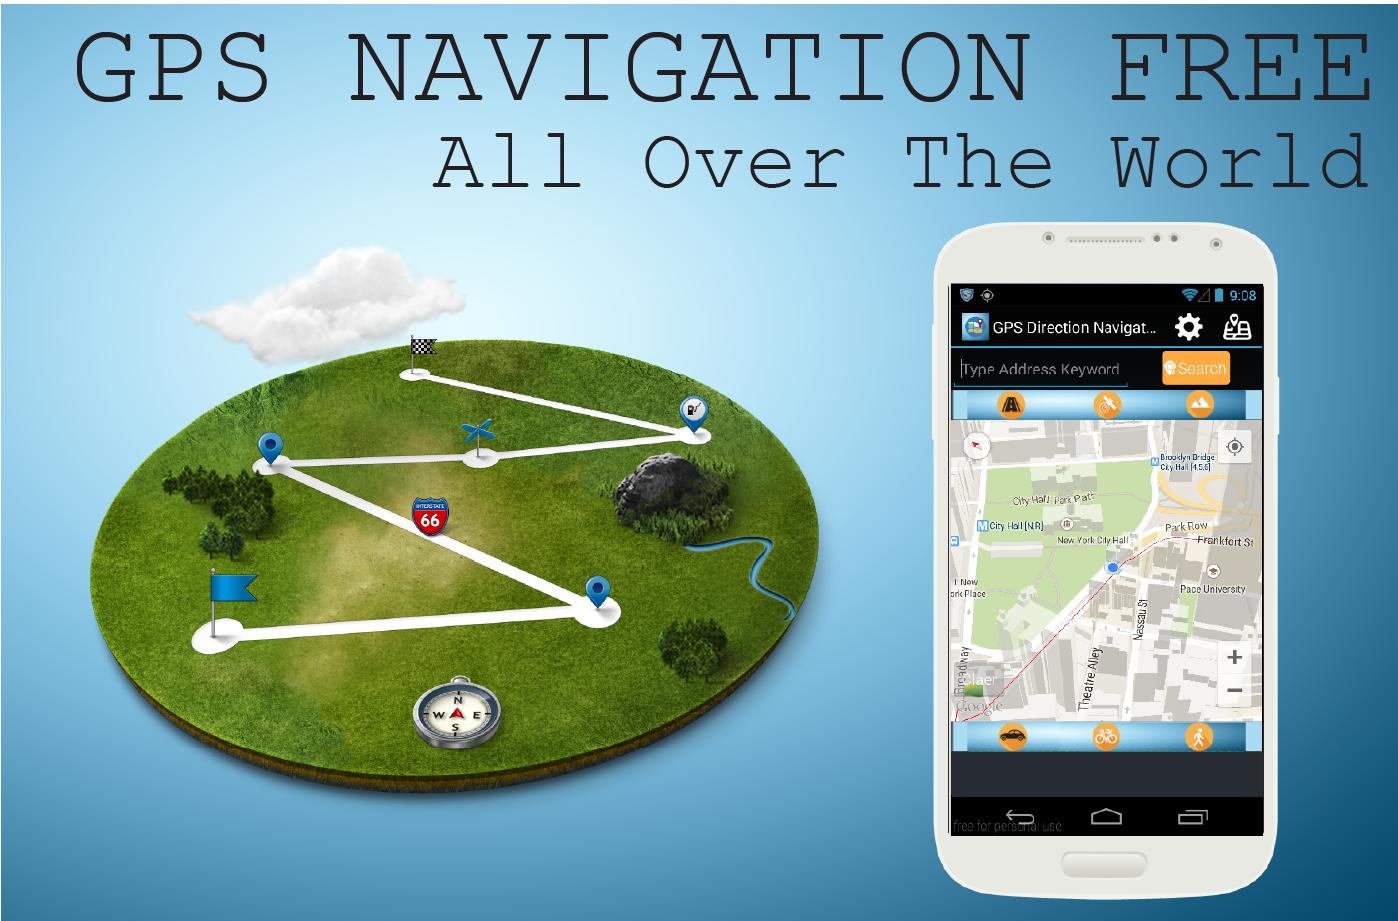 Gps программа для навигатора скачать бесплатно